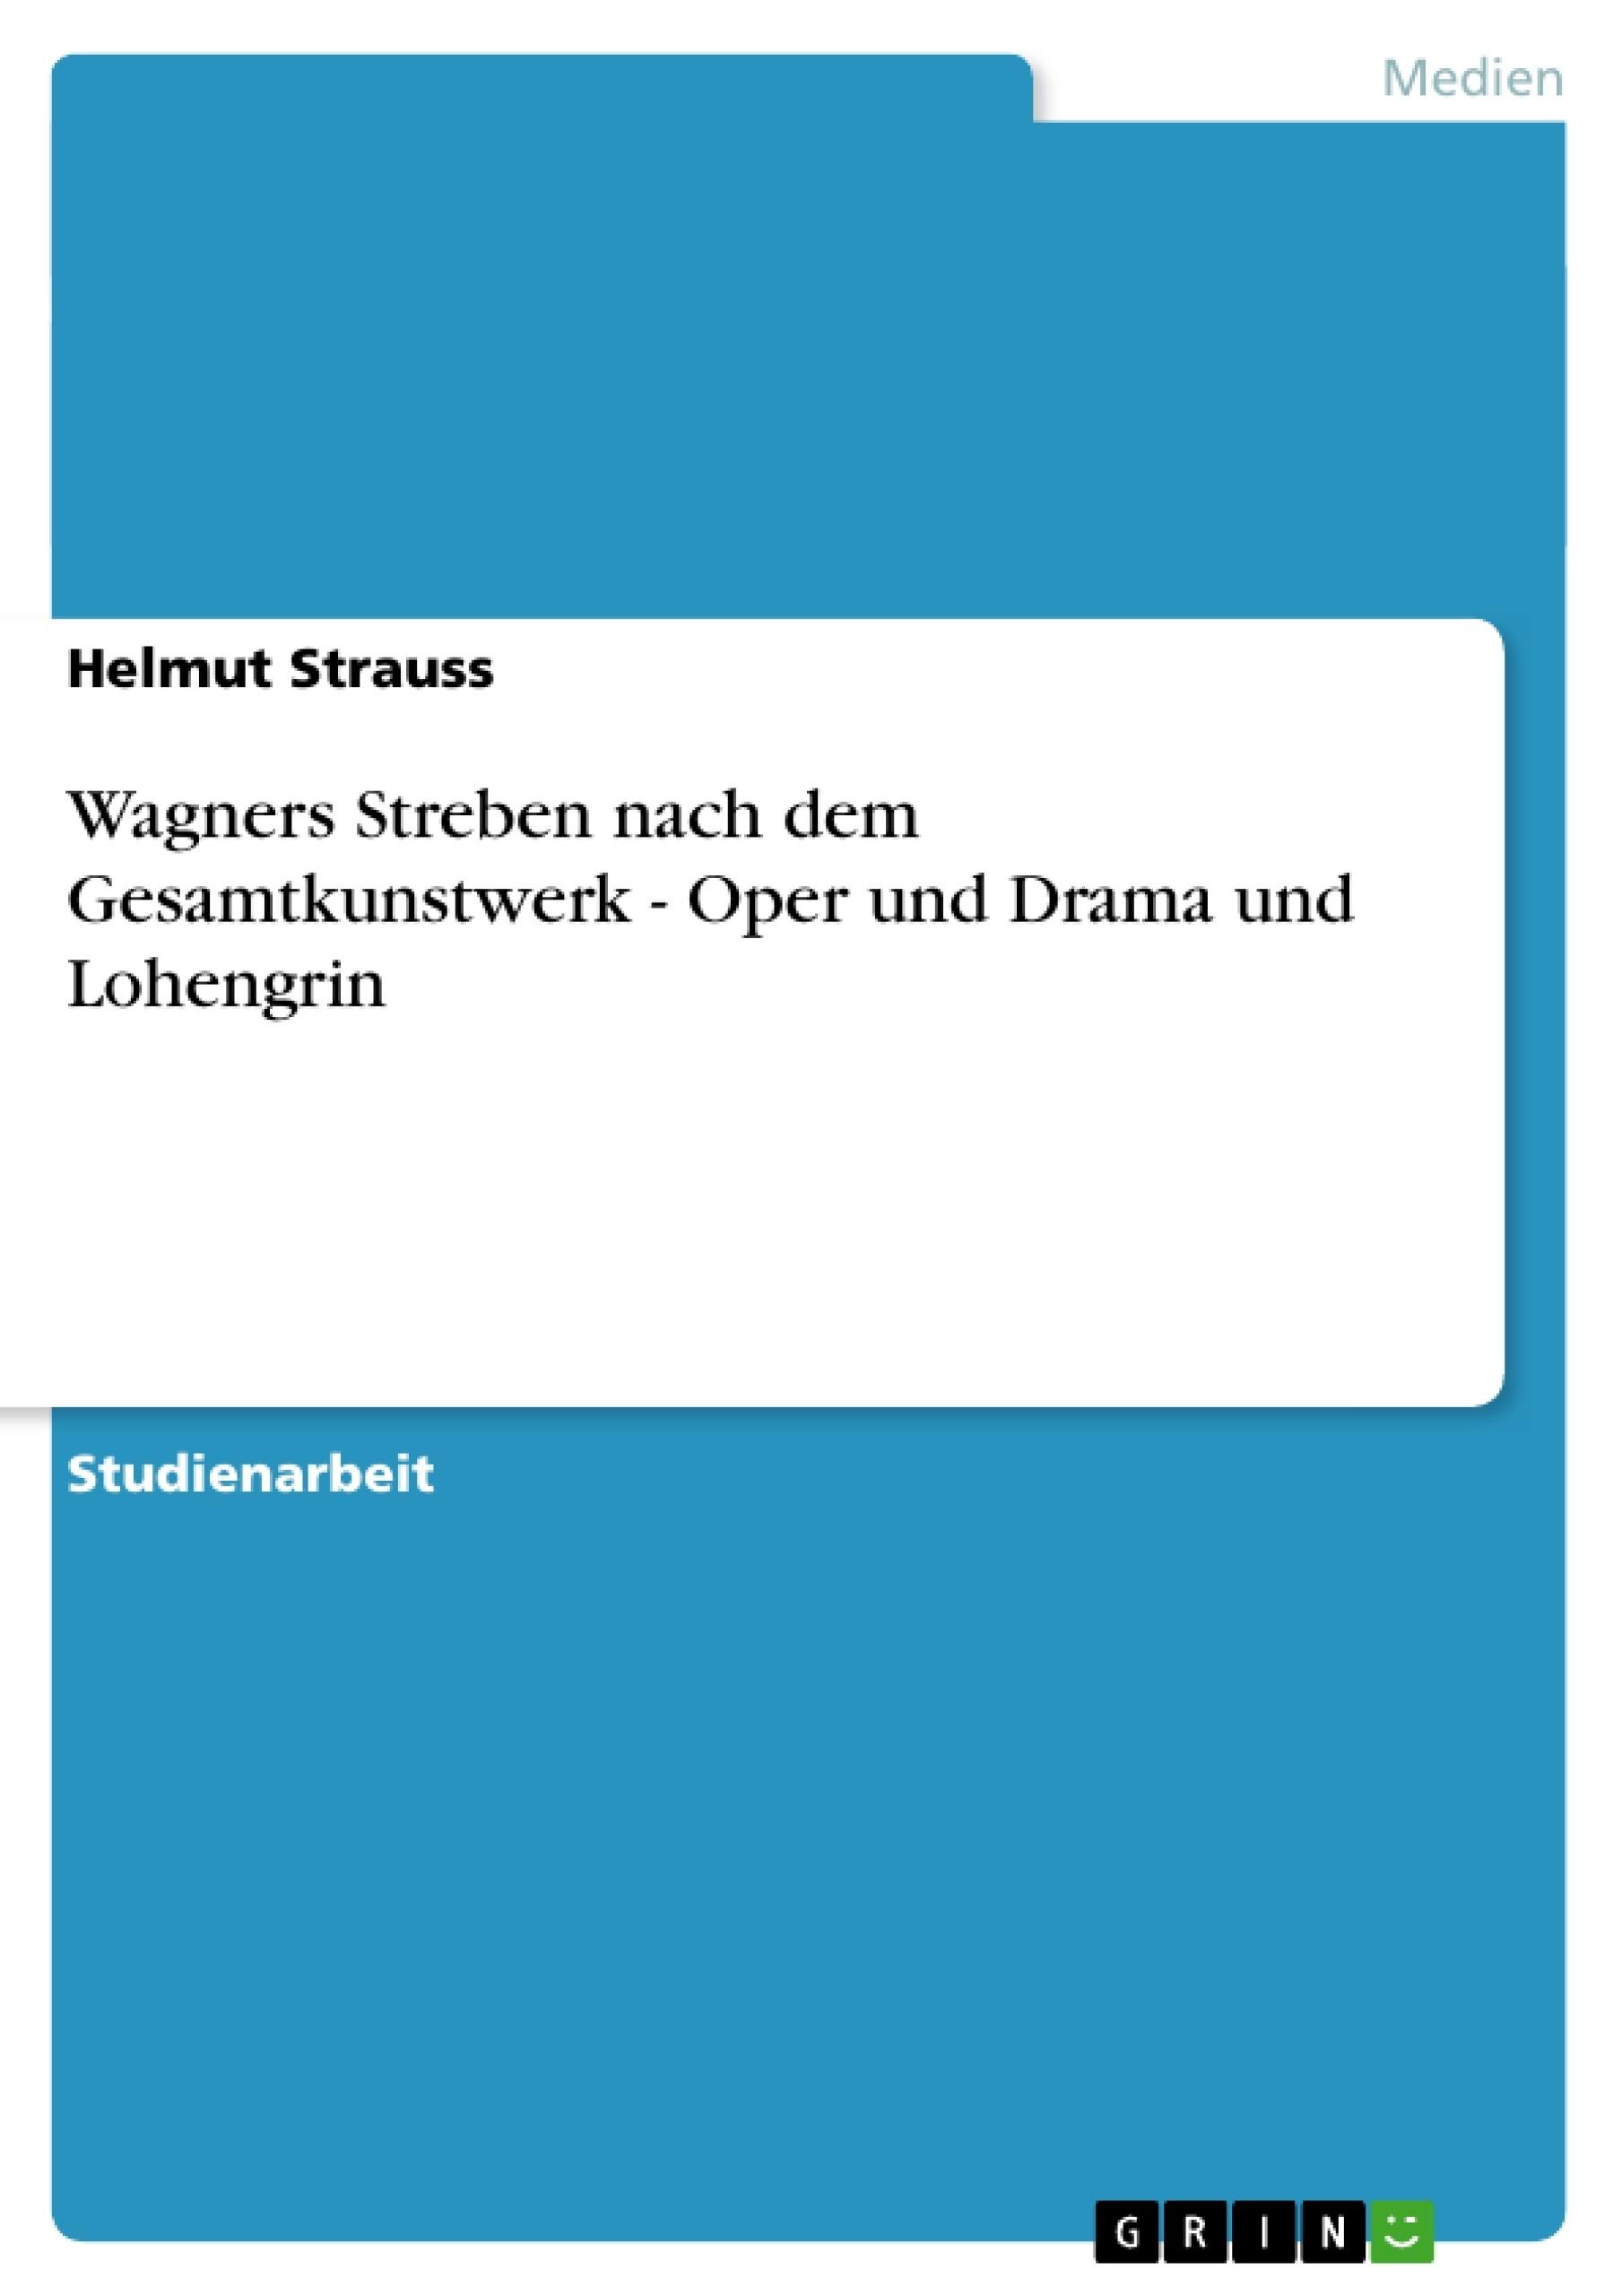 Titel: Wagners Streben nach dem Gesamtkunstwerk - Oper und Drama und Lohengrin